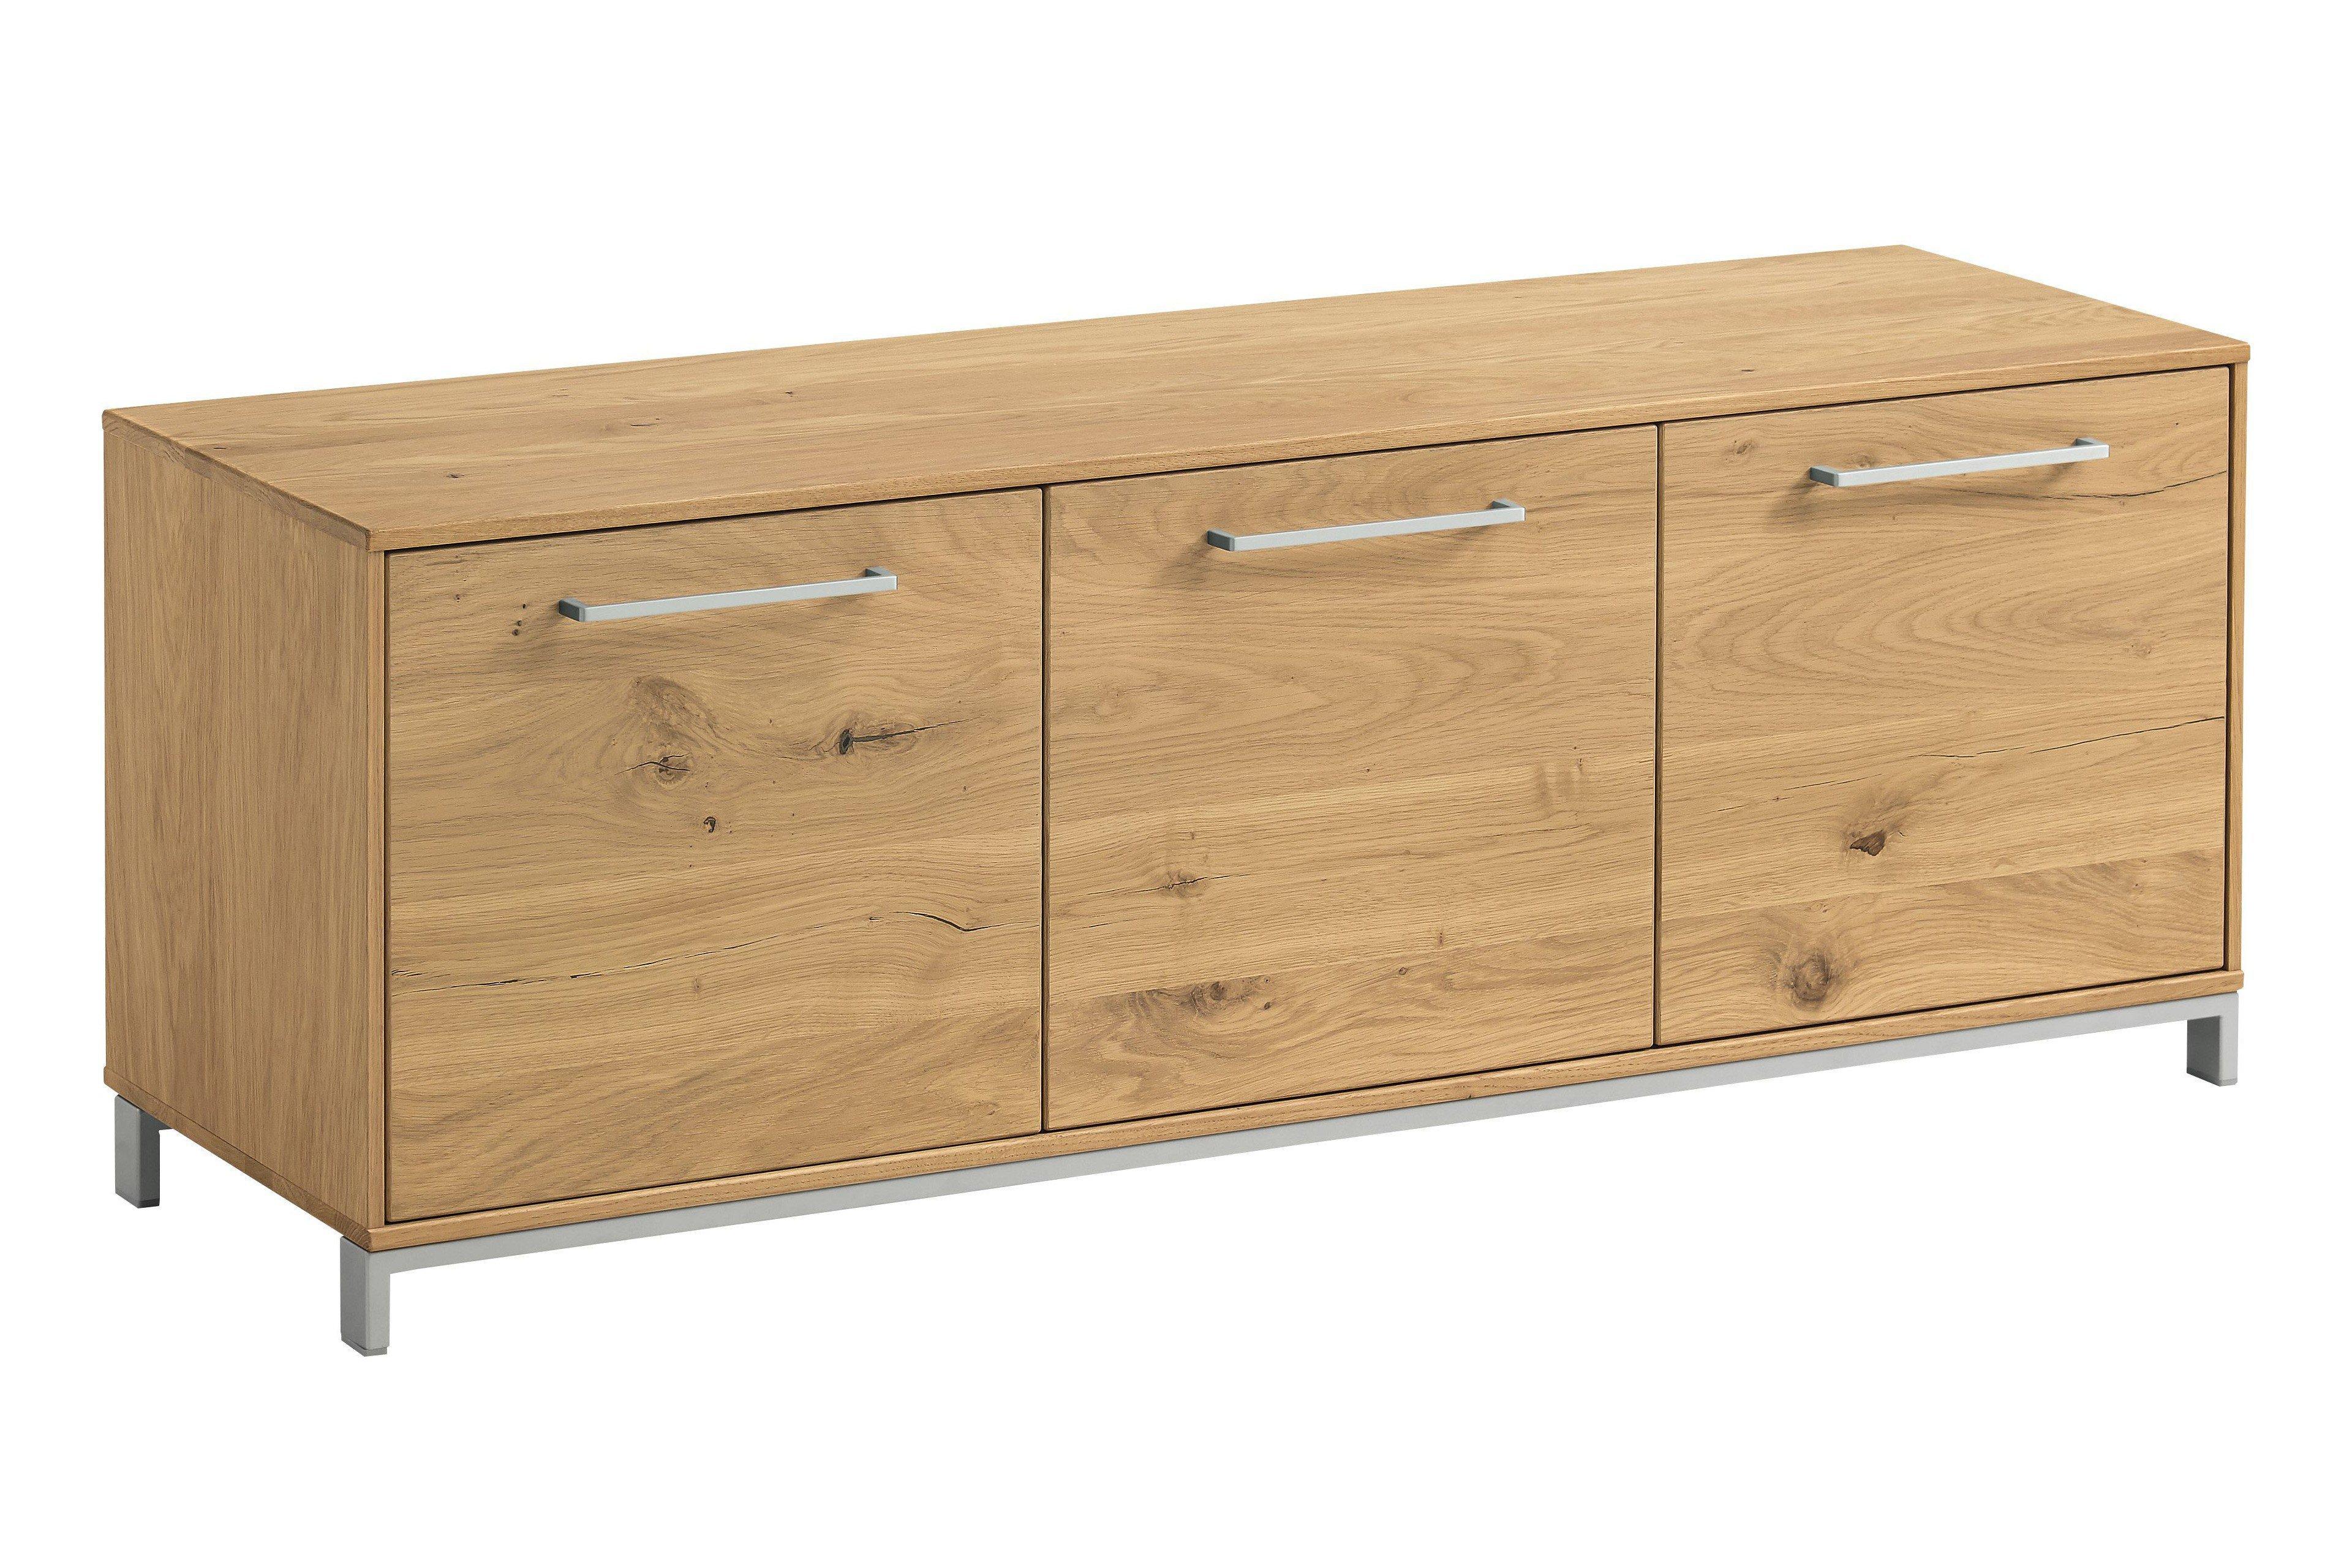 Voss Garderobenbank Vedo Eiche | Möbel Letz - Ihr Online-Shop